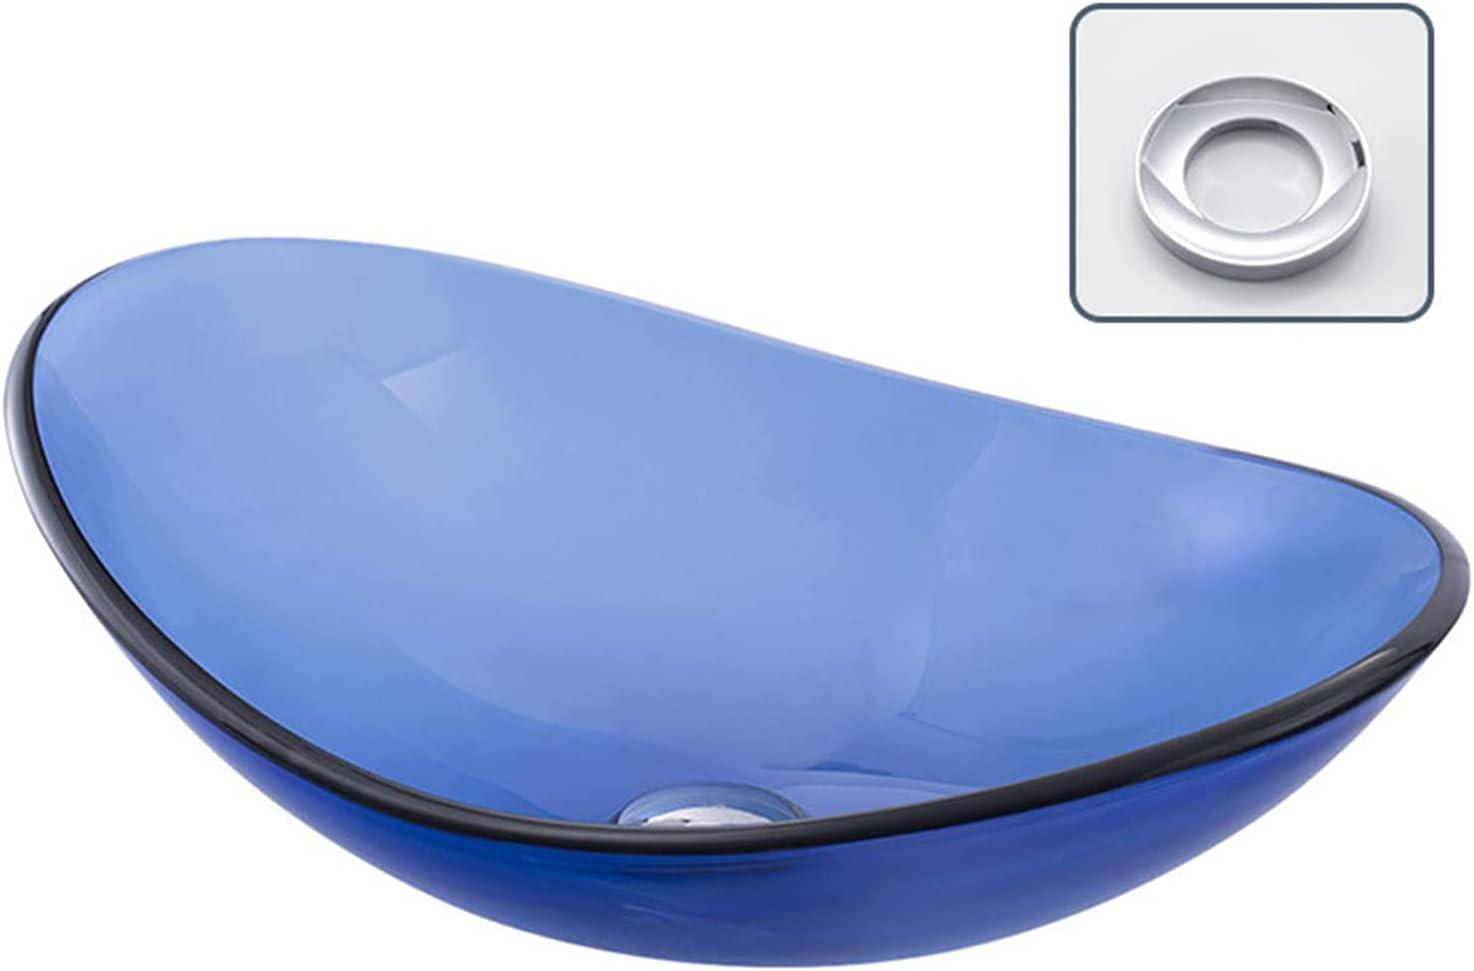 Lavabo Sobre Encimera De Vidrio Templado Azul, Lavamanos Baño De Arte Moderno Estilo Minimalista, Fregadero Independiente Con Anillo De Montaje, Para Mueble De L(Size:Oval Art Basin 540 * 360 * 160mm)